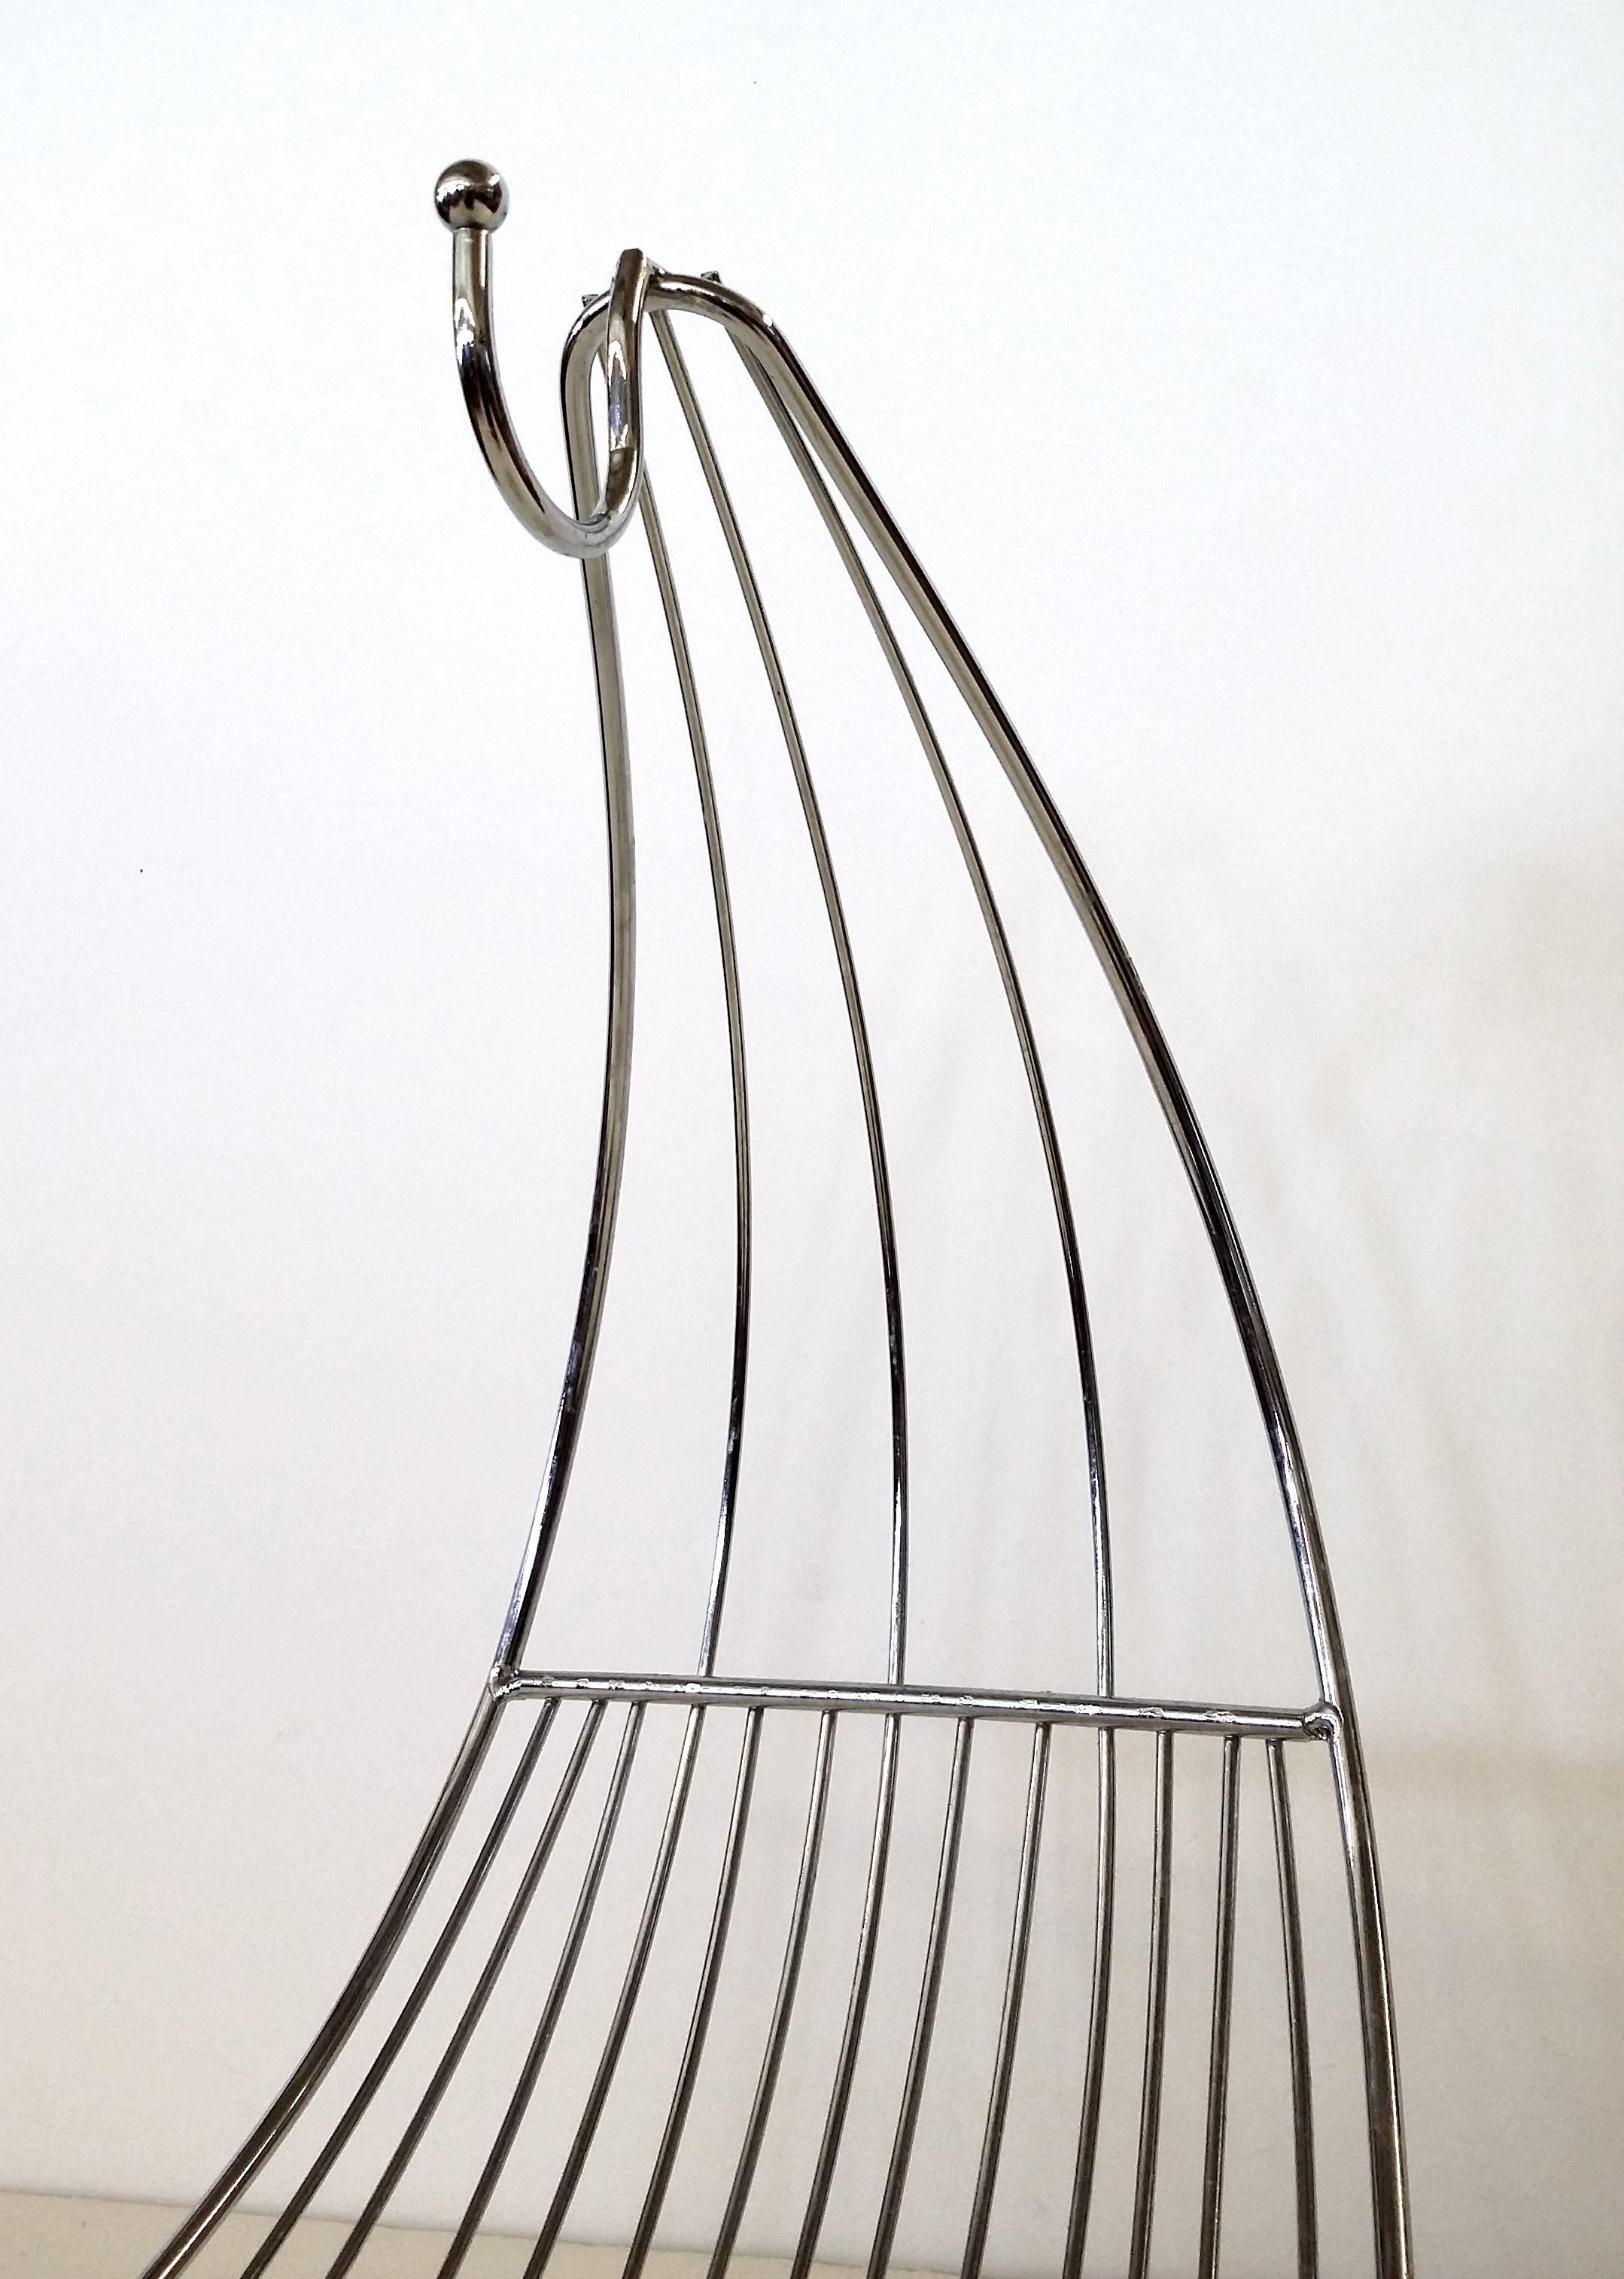 stainless steel banana hammock  u0026 fruit holder   image 3     stainless steel banana hammock  u0026 fruit holder   chairish  rh   chairish